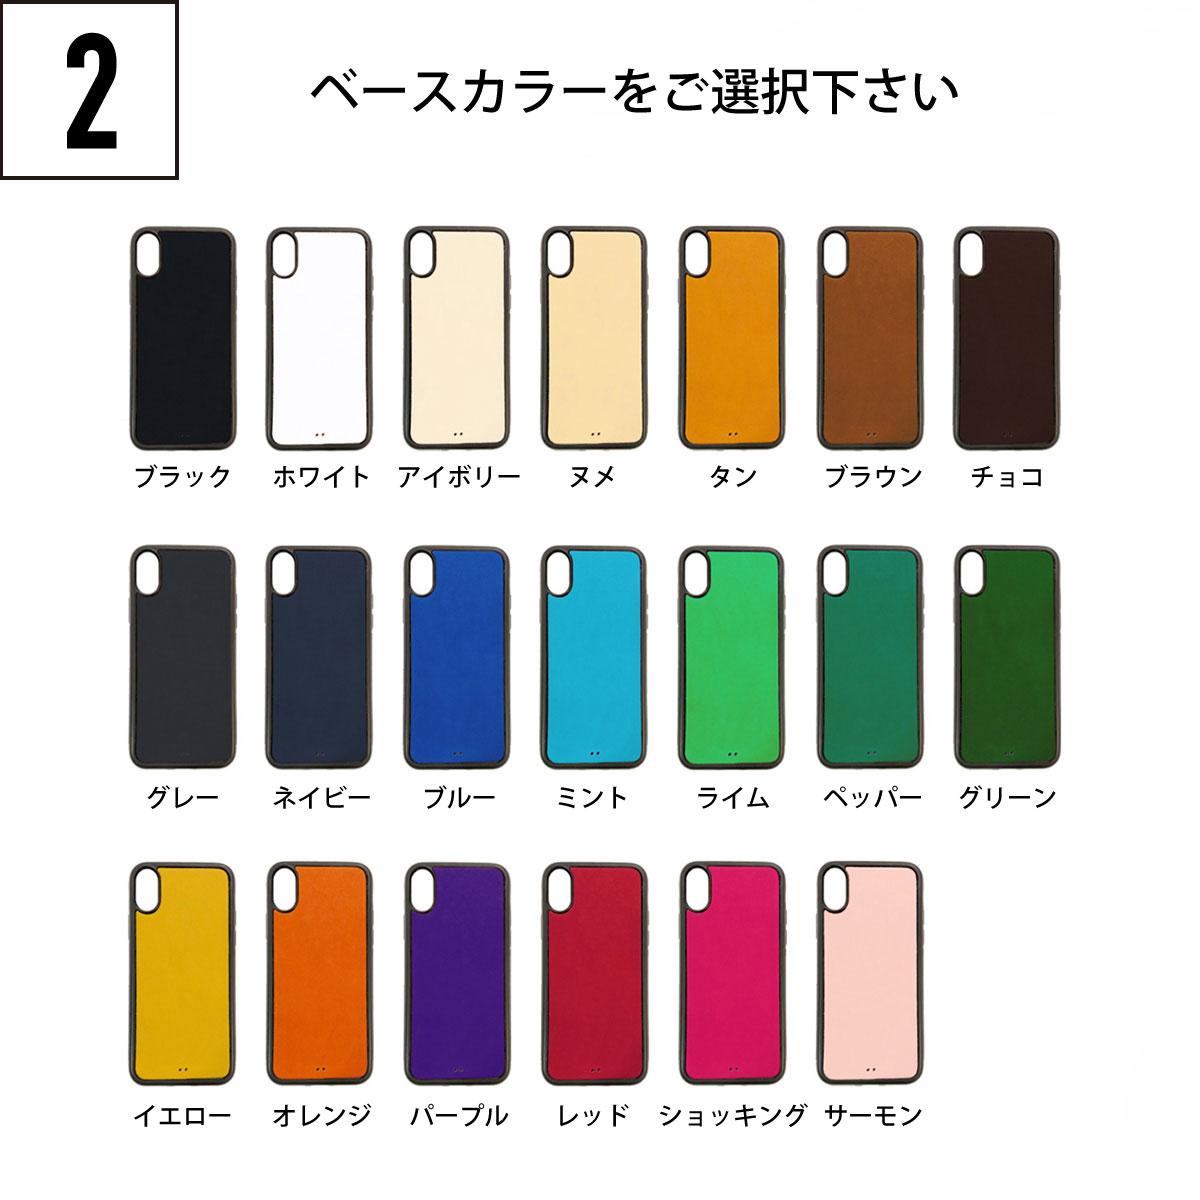 iPhoneOpenCase:   Design E_2:ミニマーク刻印(ハートスマイル)+名入れ